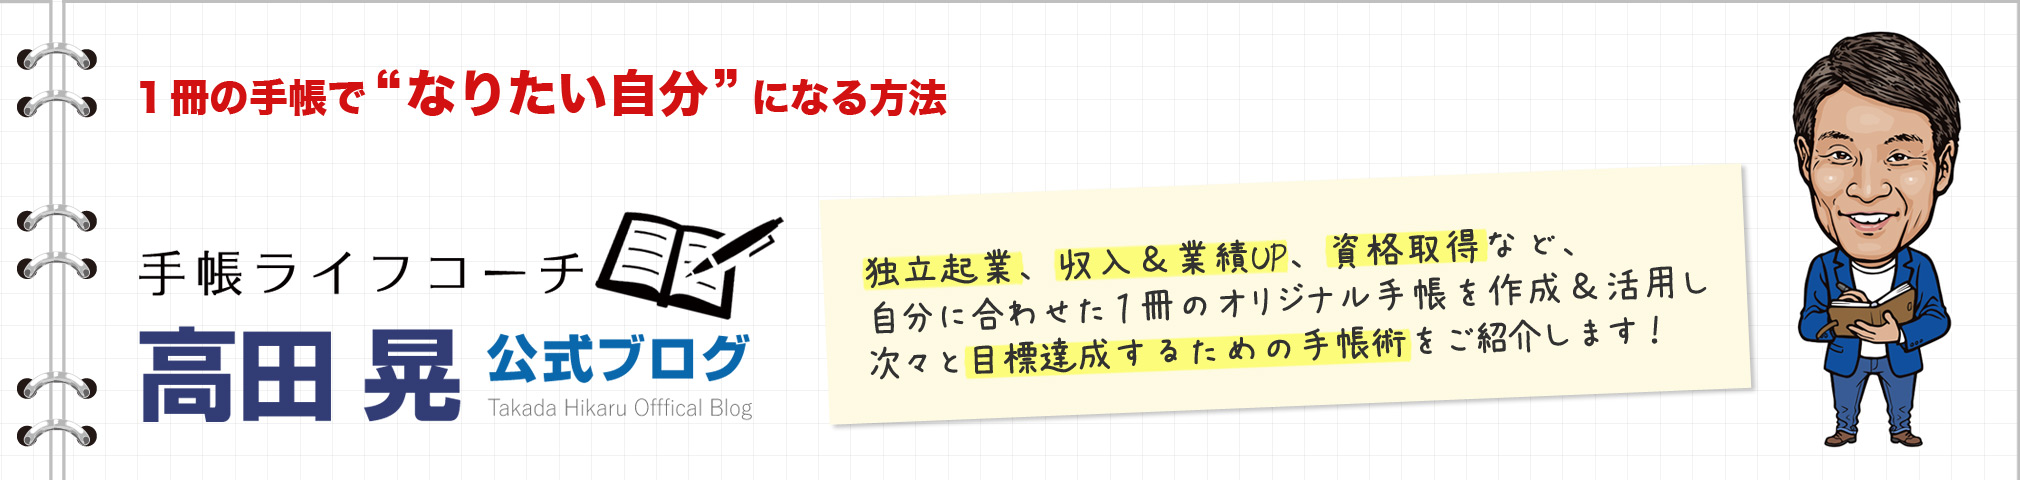 起業・副業は1冊の手帳づくりから。4つの手帳活用メリットとは? | 手帳ライフコーチ高田晃 公式ブログ